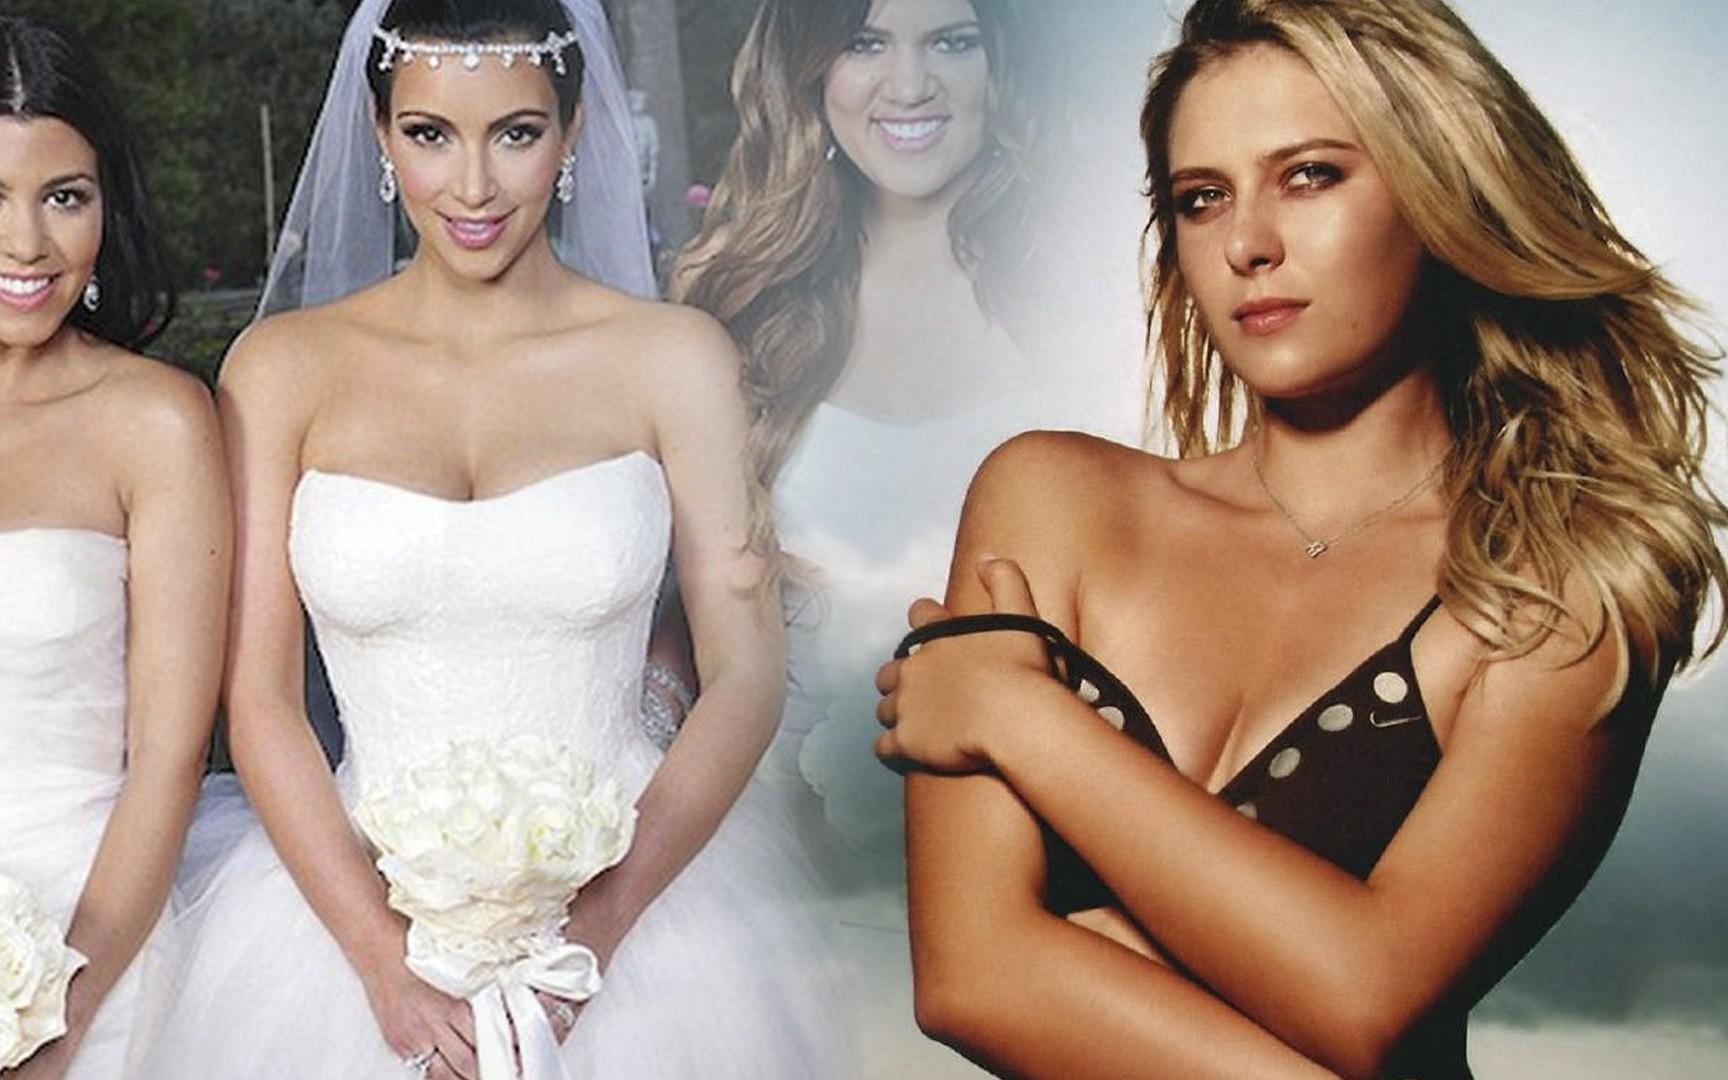 """Những ngôi sao NBA """"lên hương"""" nhờ có một nửa nổi tiếng: Người số hưởng cặp kè cùng Sharapova, người thì từng là chồng của chị em nhà Kardashian"""